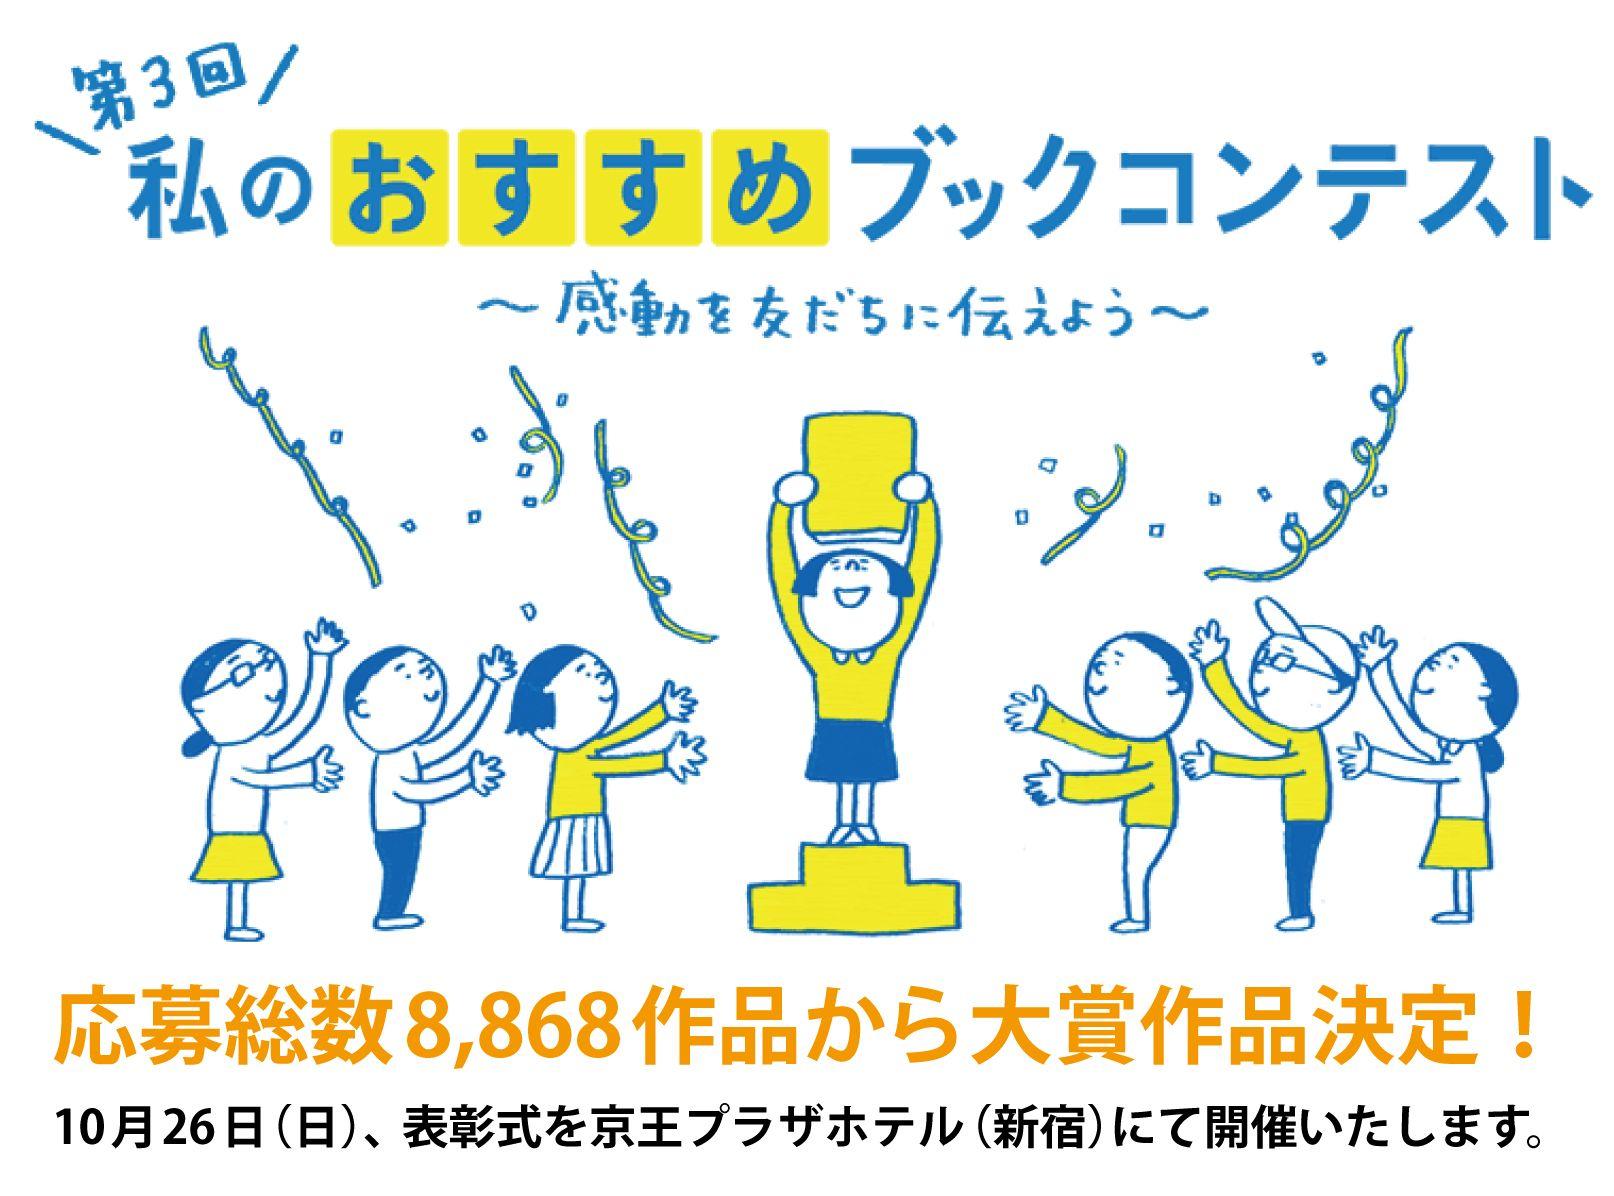 第3回 私のおすすめブックコンテスト ~感動を友達に伝えよう~ 応募総数8,868作品から大賞作品決定! 10月26日(日)、表彰式を京王プラザホテル(新宿)にて開催いたします。